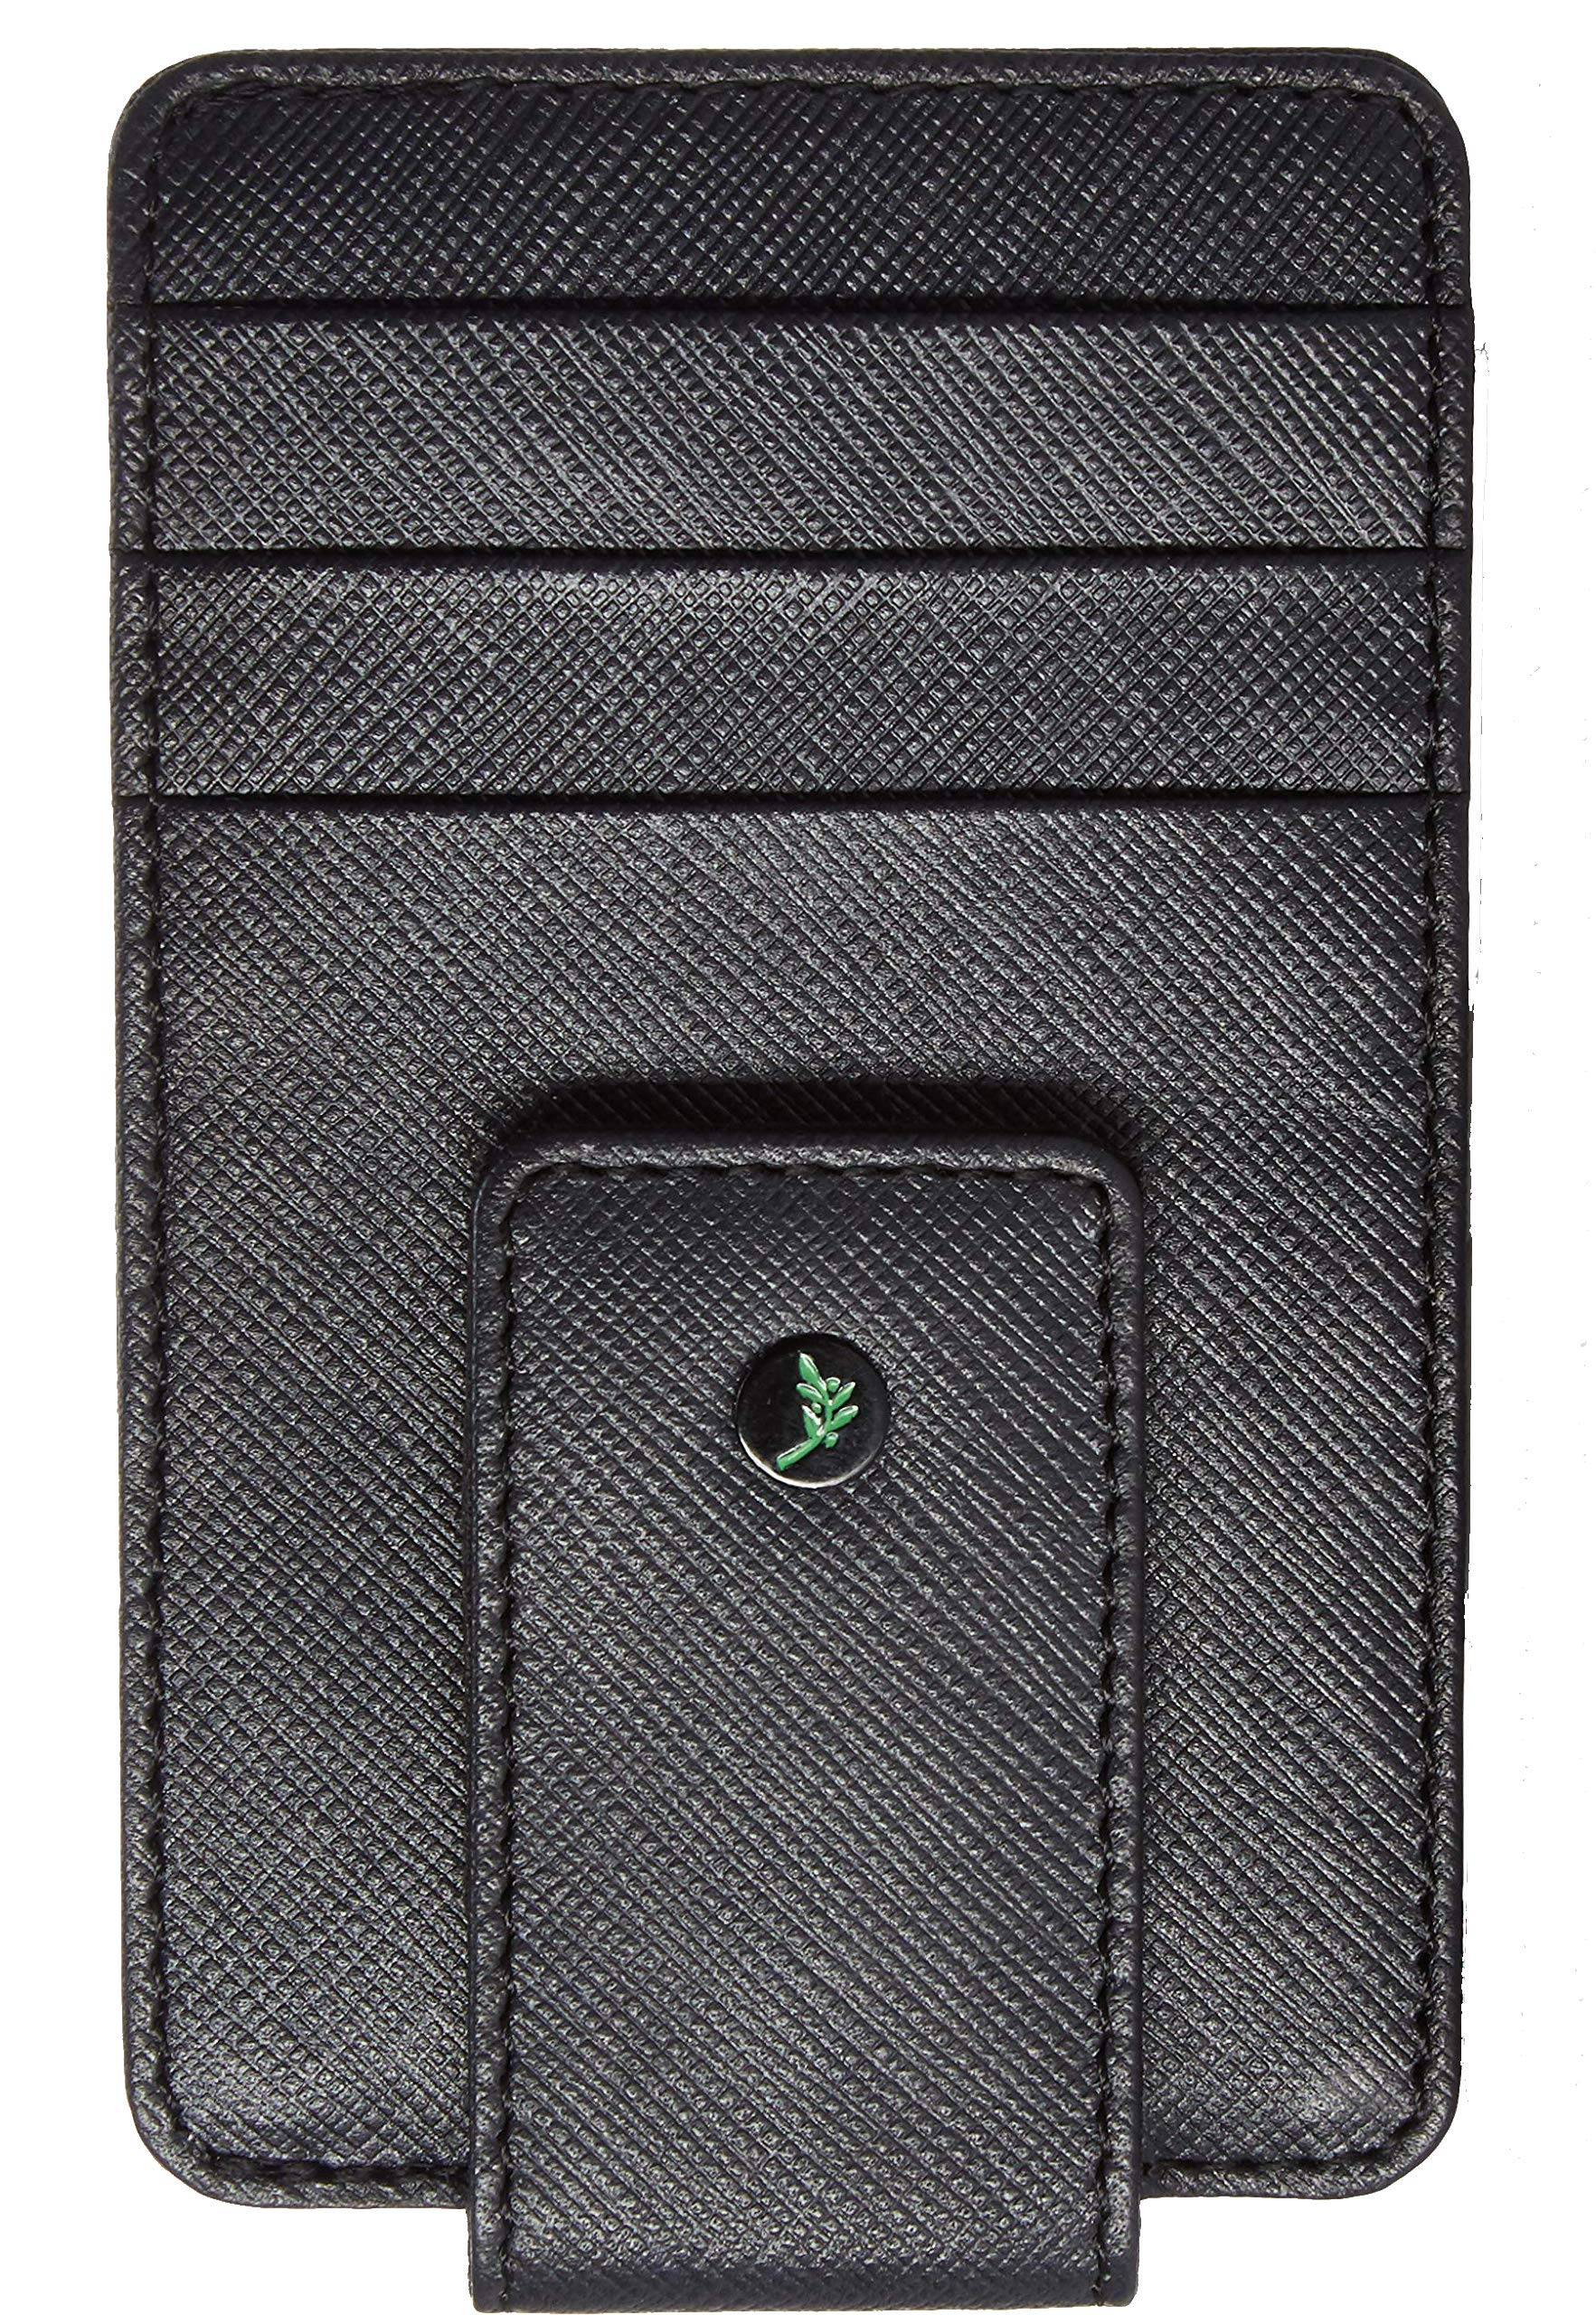 Dark Brown Front Pocket Money Clip RFID Blocking Wallet Gift Set